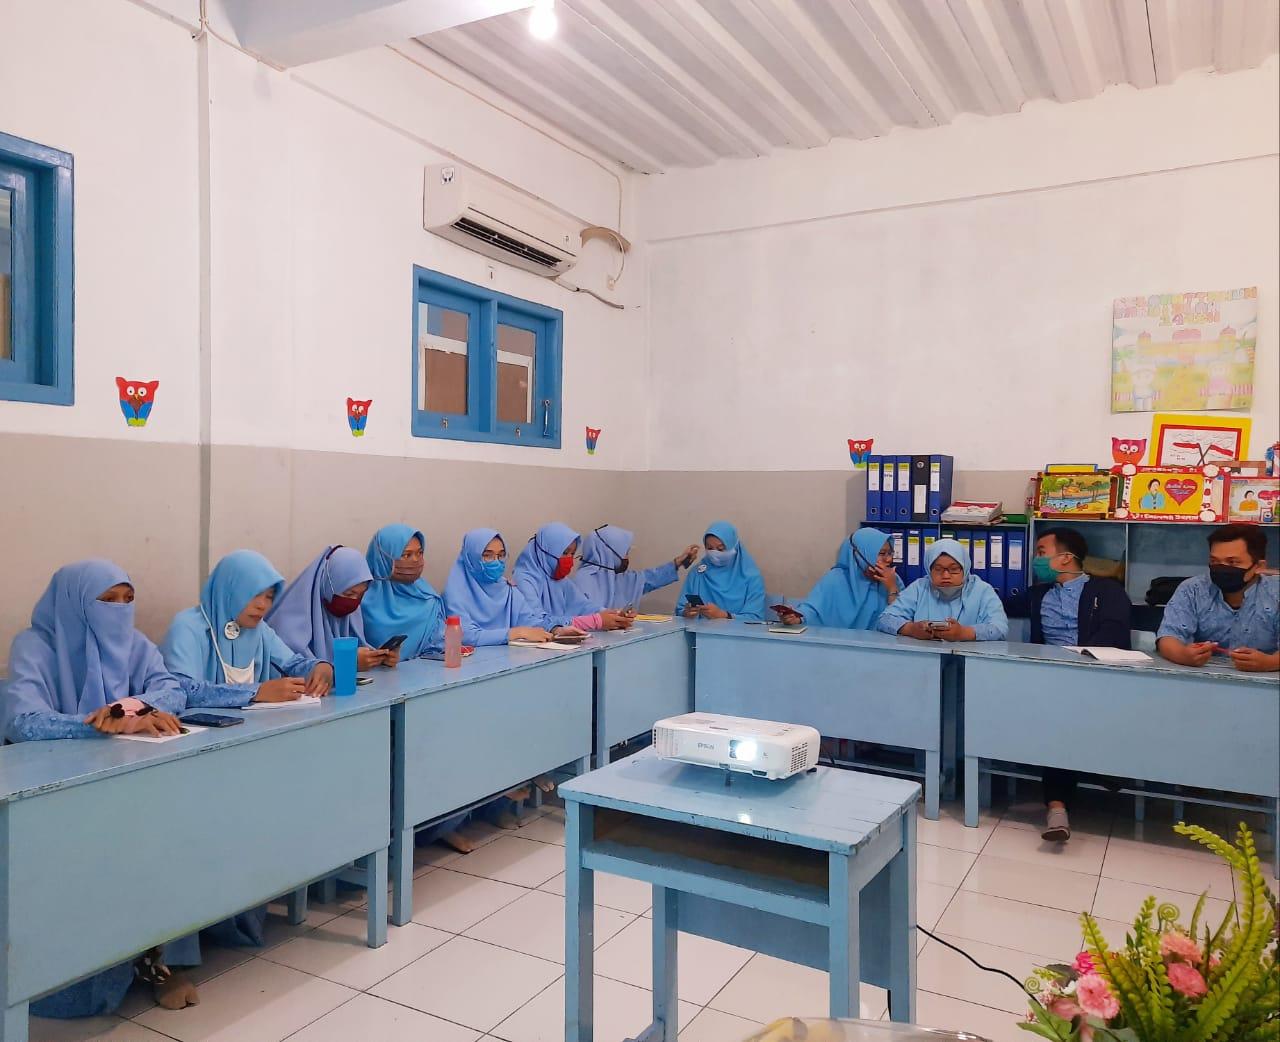 Kegiatan Supervisi Belajar Dari Rumah di SDIT Wirausaha Indonesia